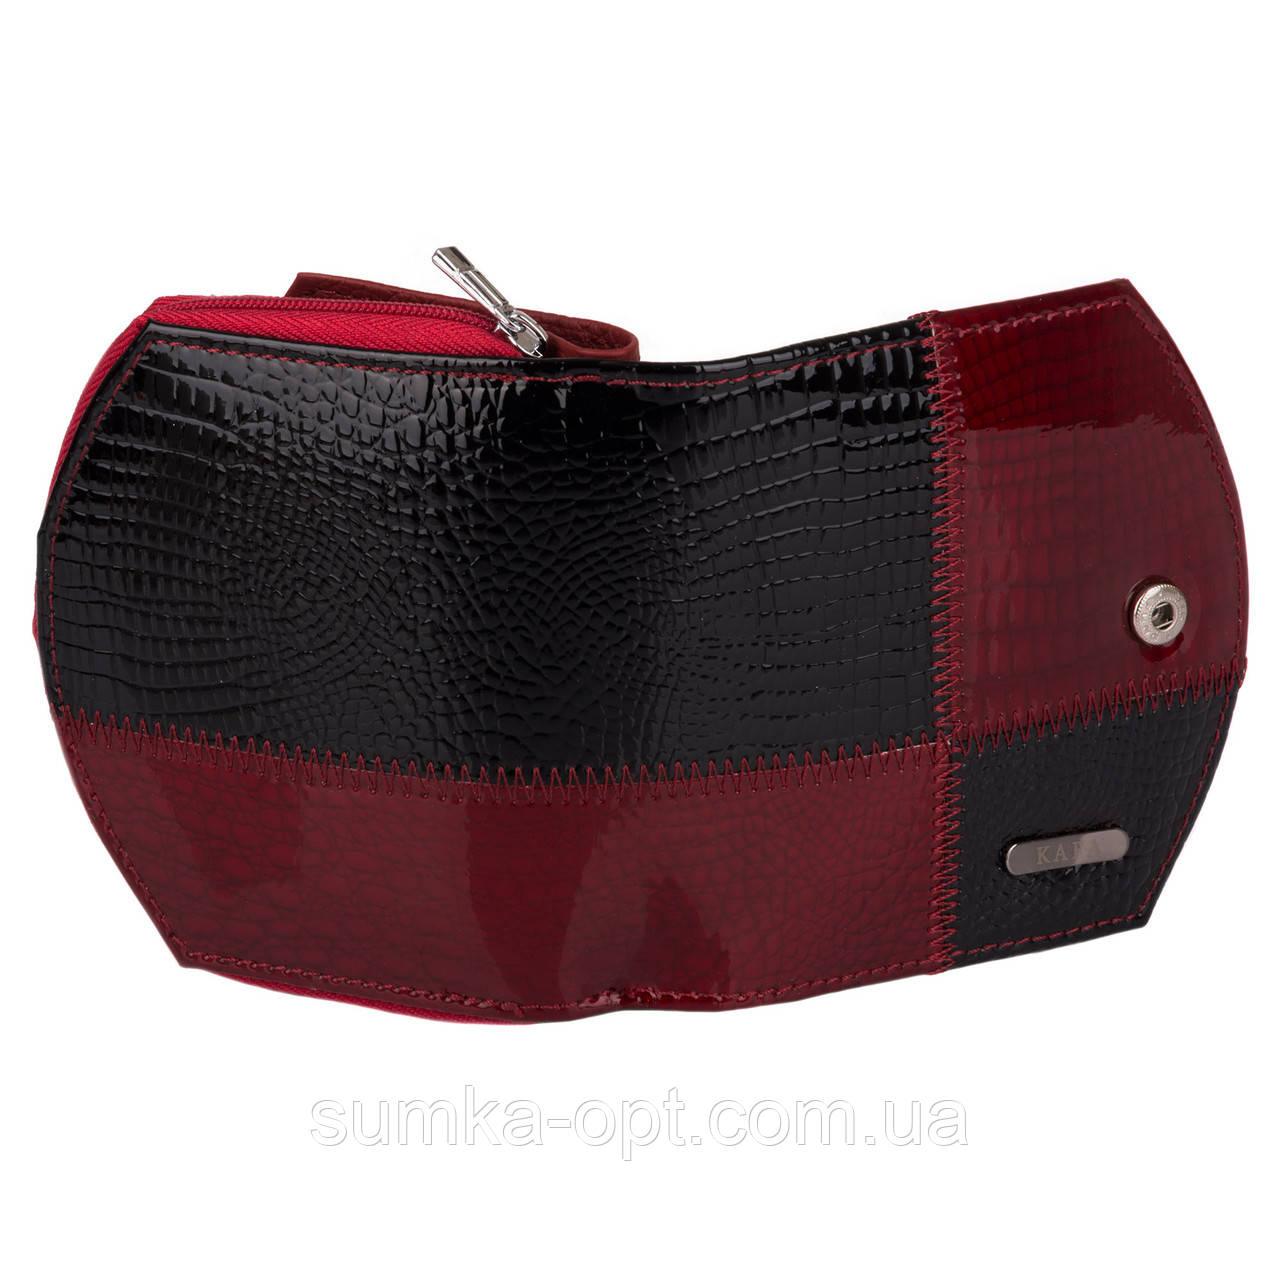 d01baa49591a ... Женские кошельки из натуральной кожи Kafa с RFID защитой (красный)13*8,